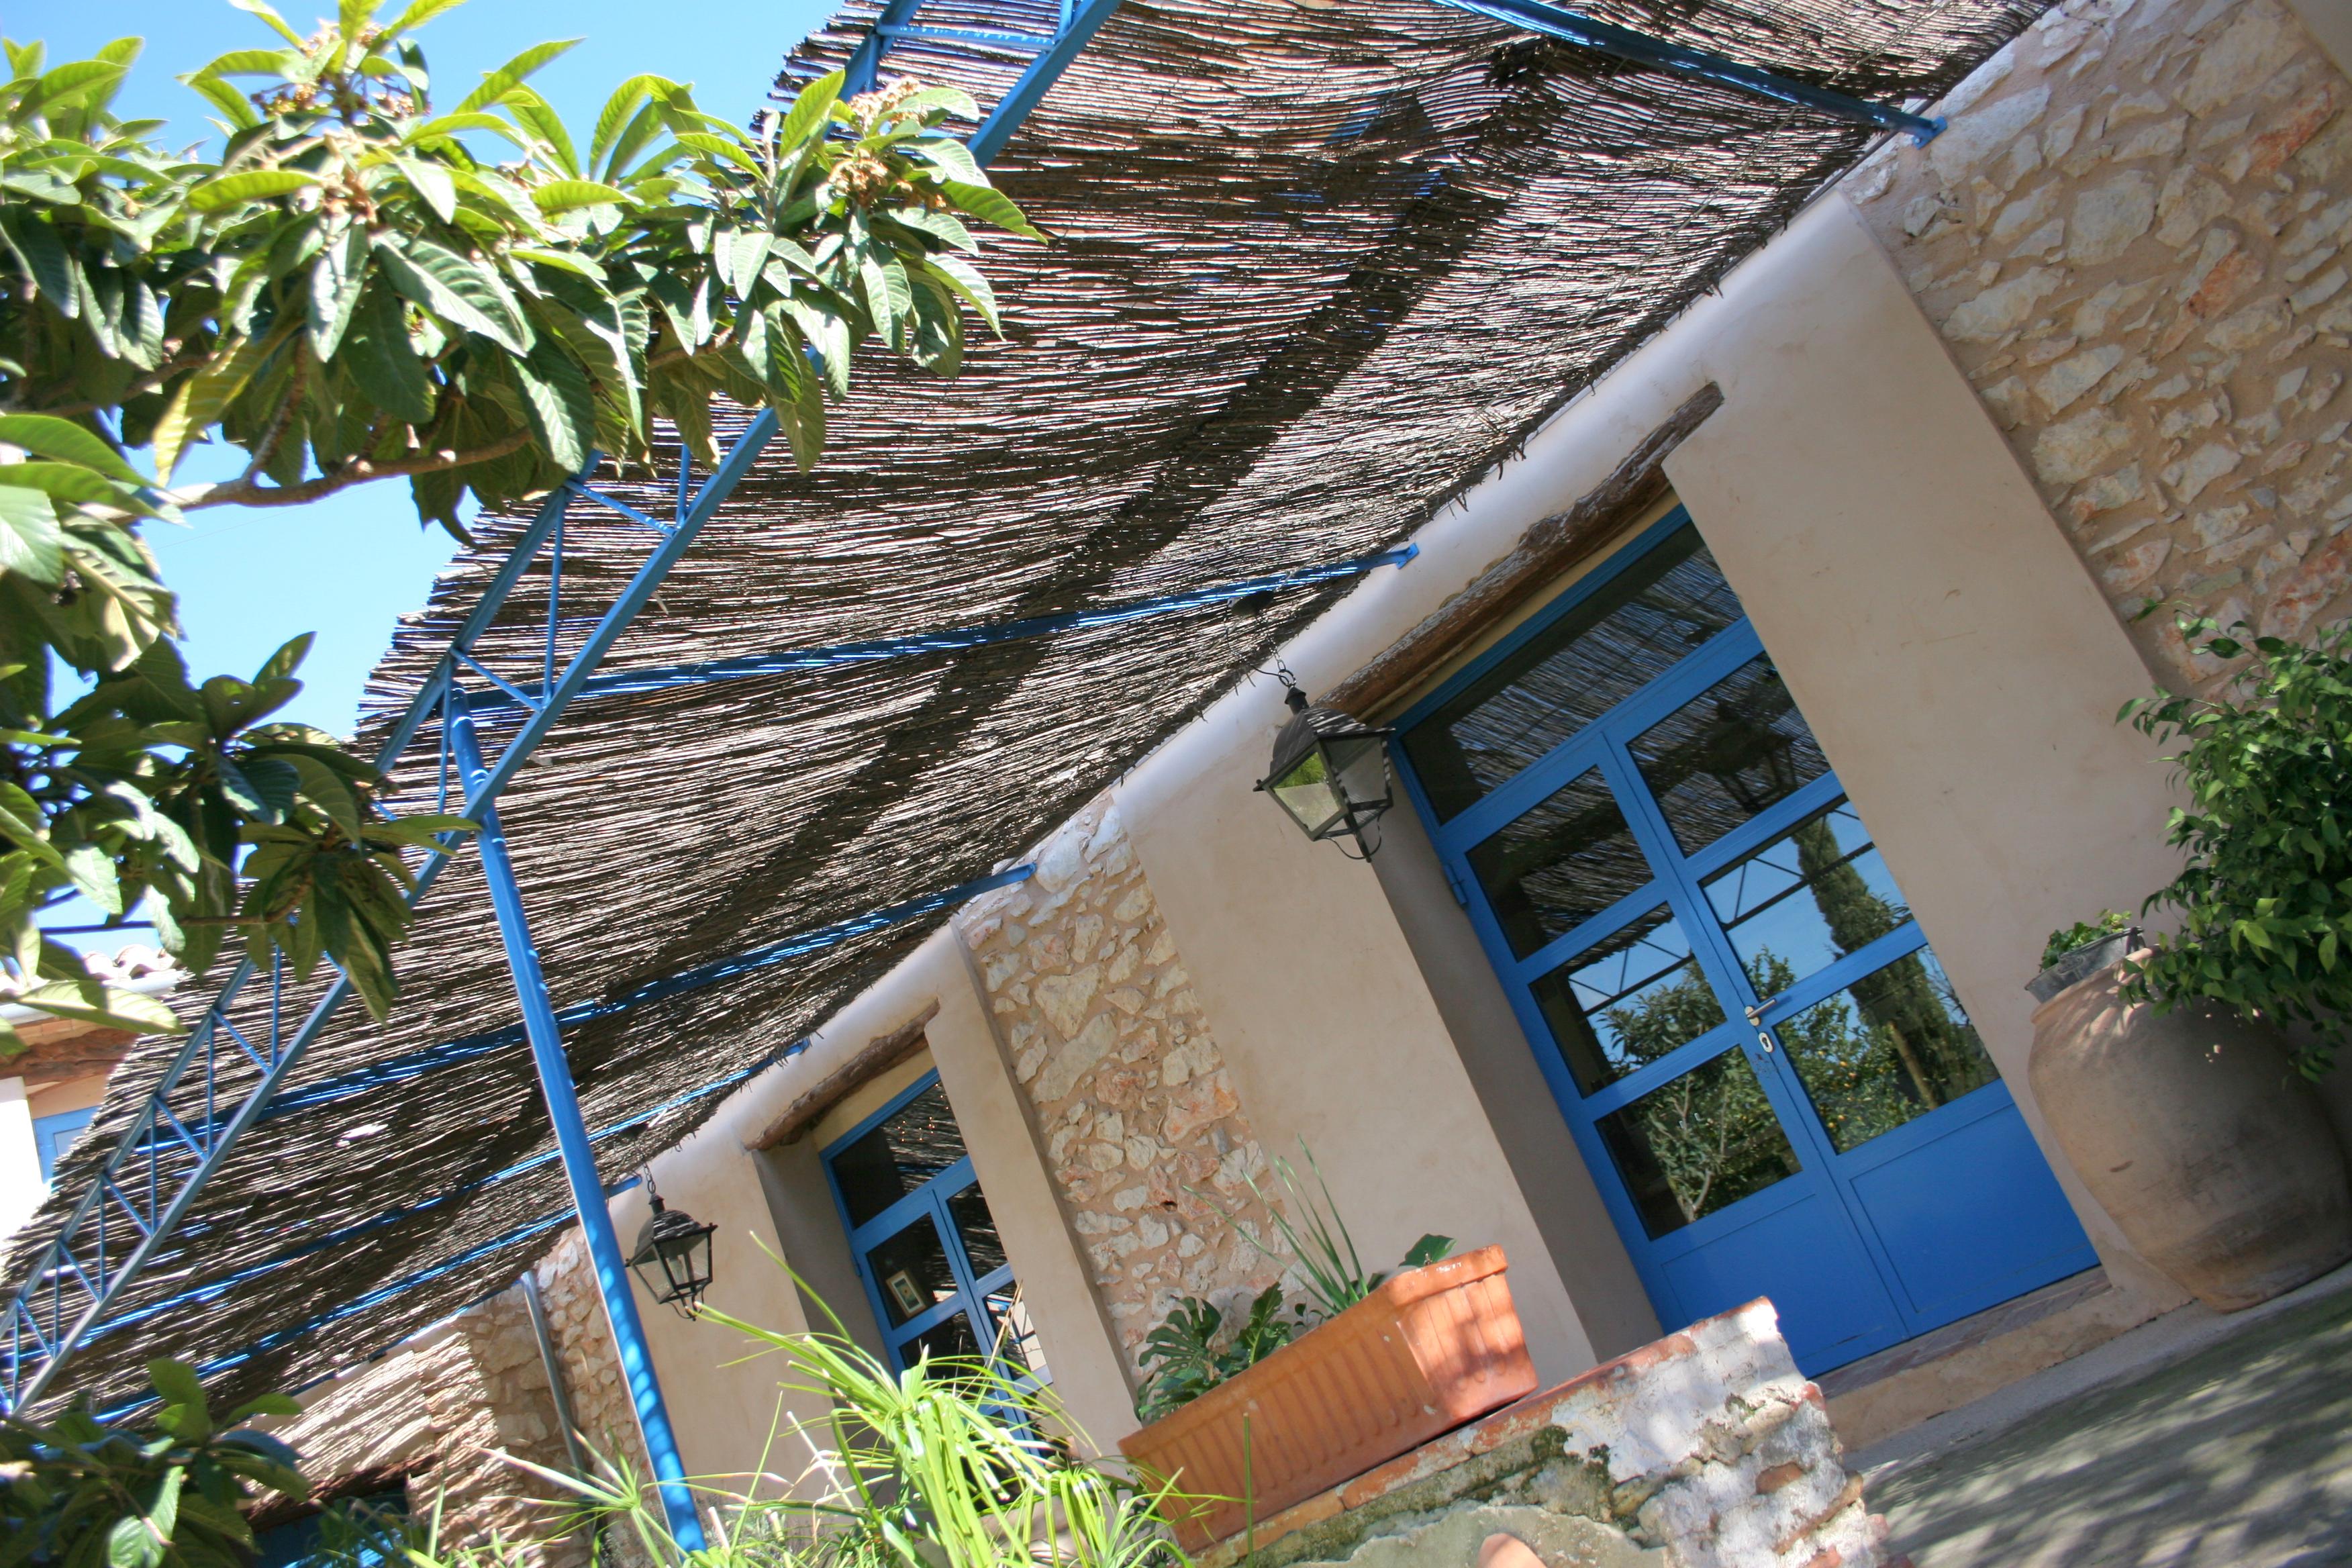 Casaruralvalencia casa rural con granja la granja san - Casa rural con granja ...